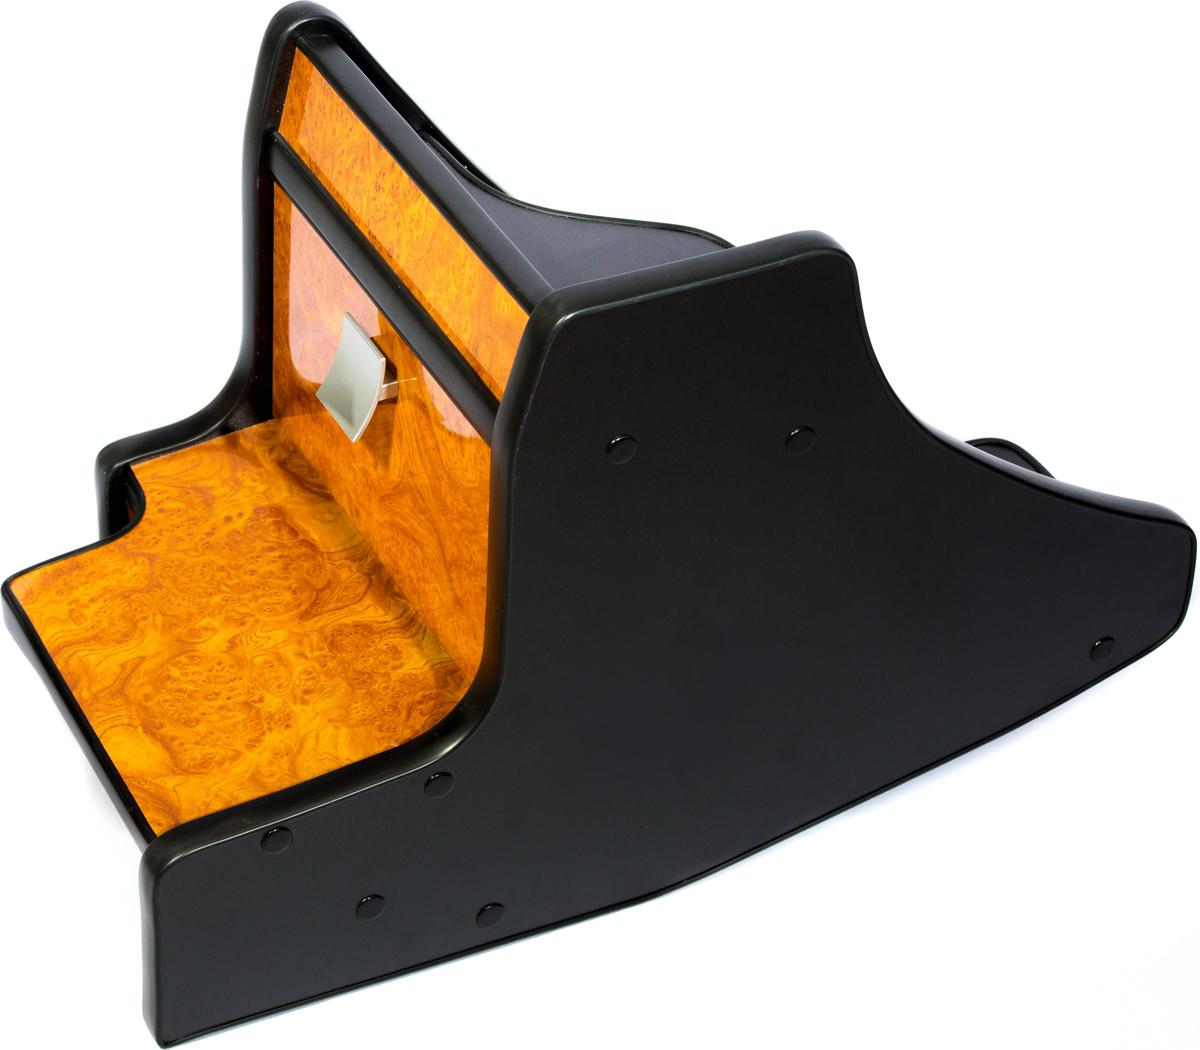 Консоль в авто АвтоБлюз для ГАЗель NEXT, ГР02804, ручка КПП на панели , глянец дерево